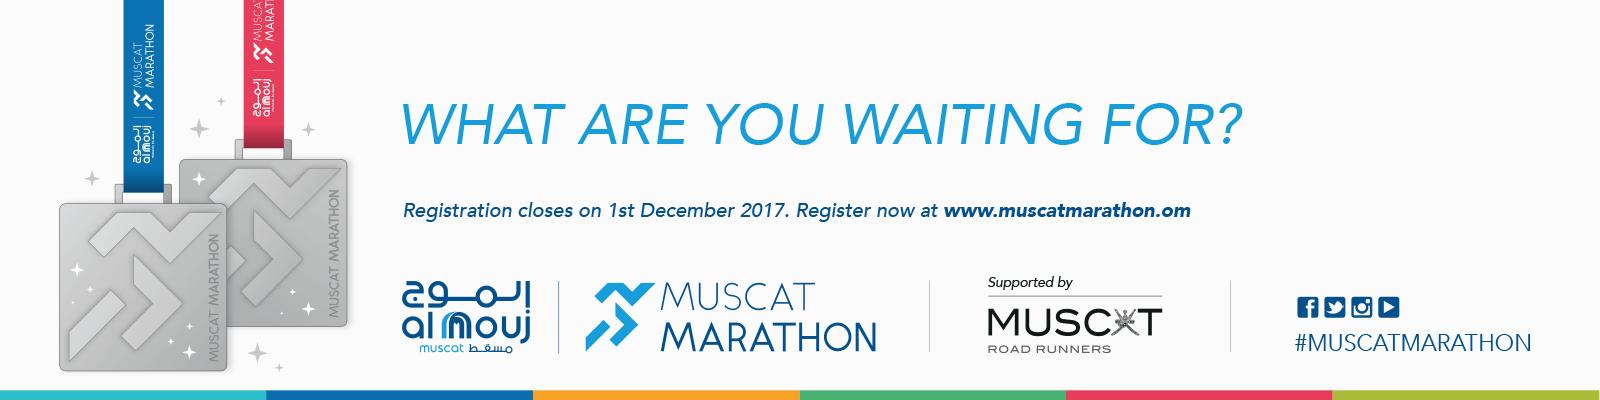 Muscat Marathon 2018